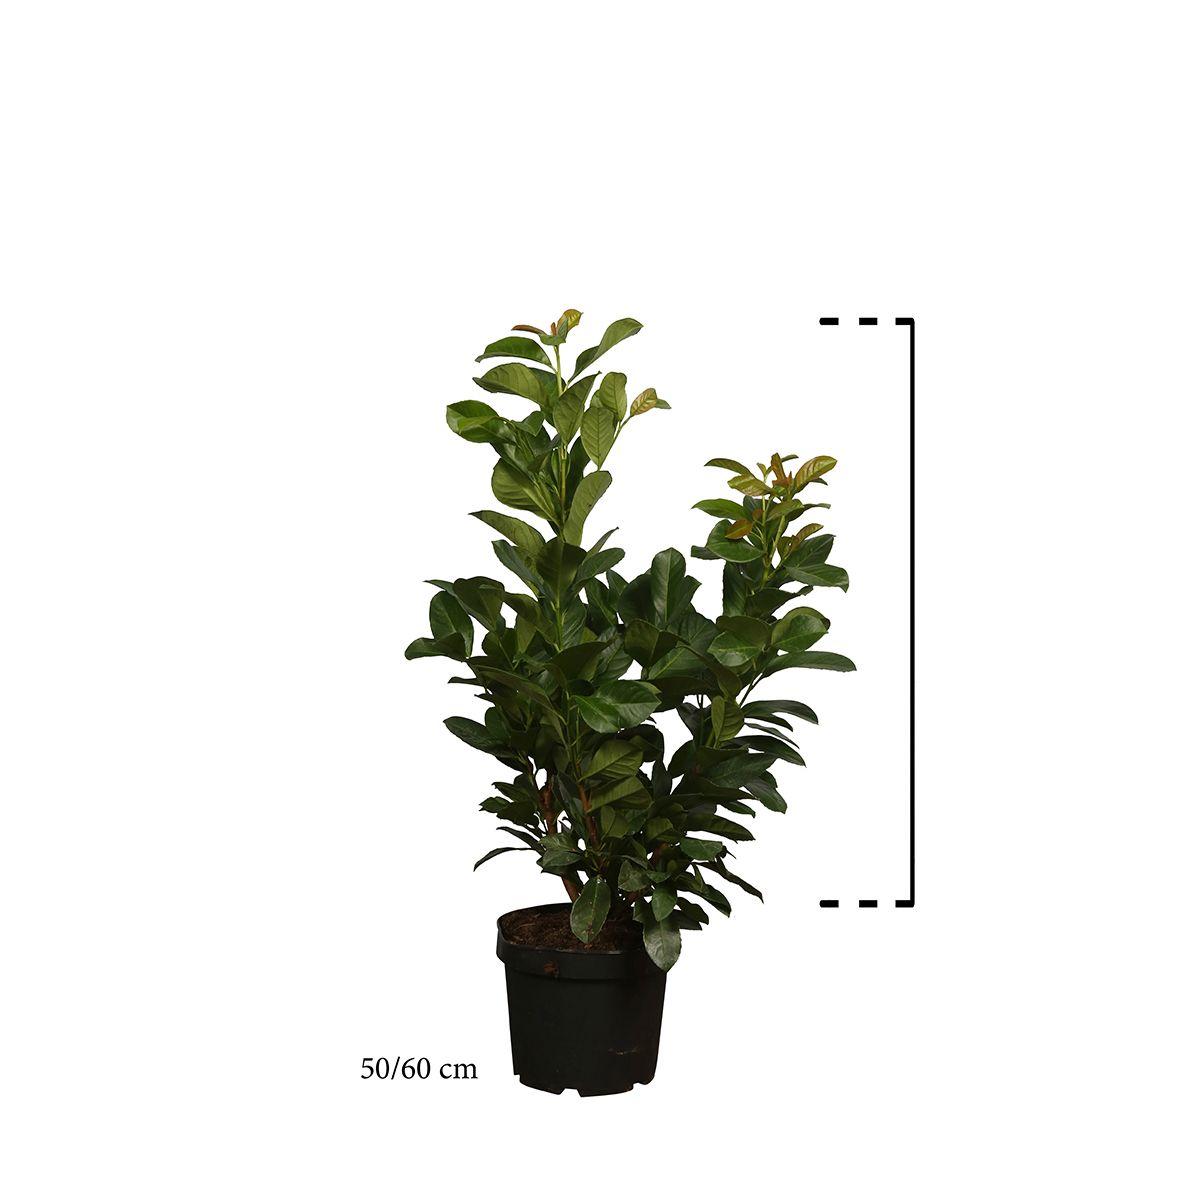 Kirschlorbeer 'Etna'  Topf 50-60 cm